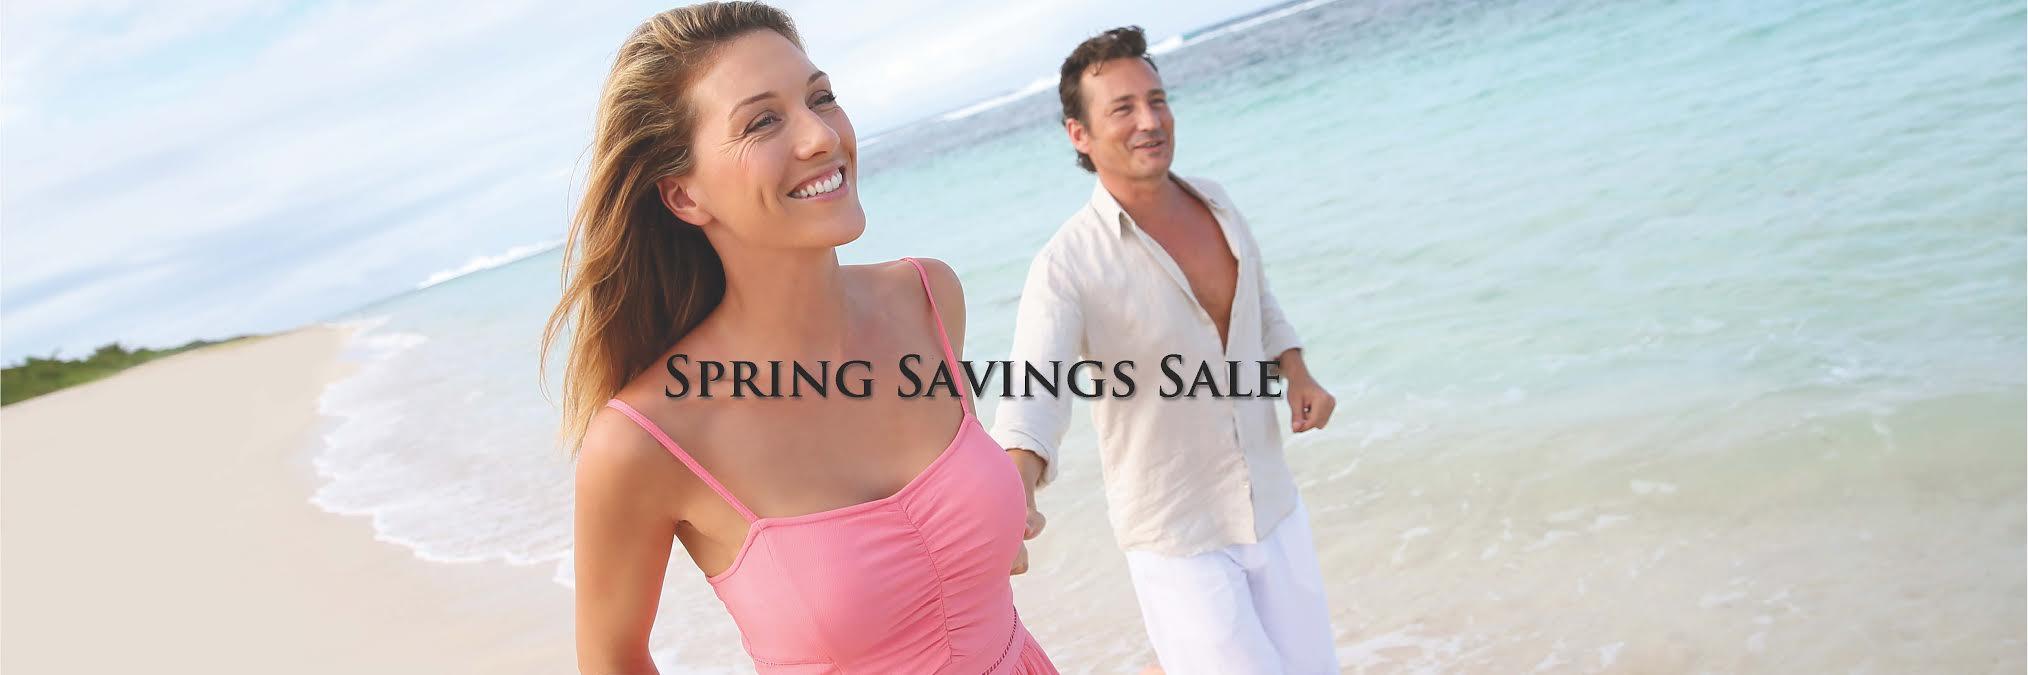 spring-savings-page